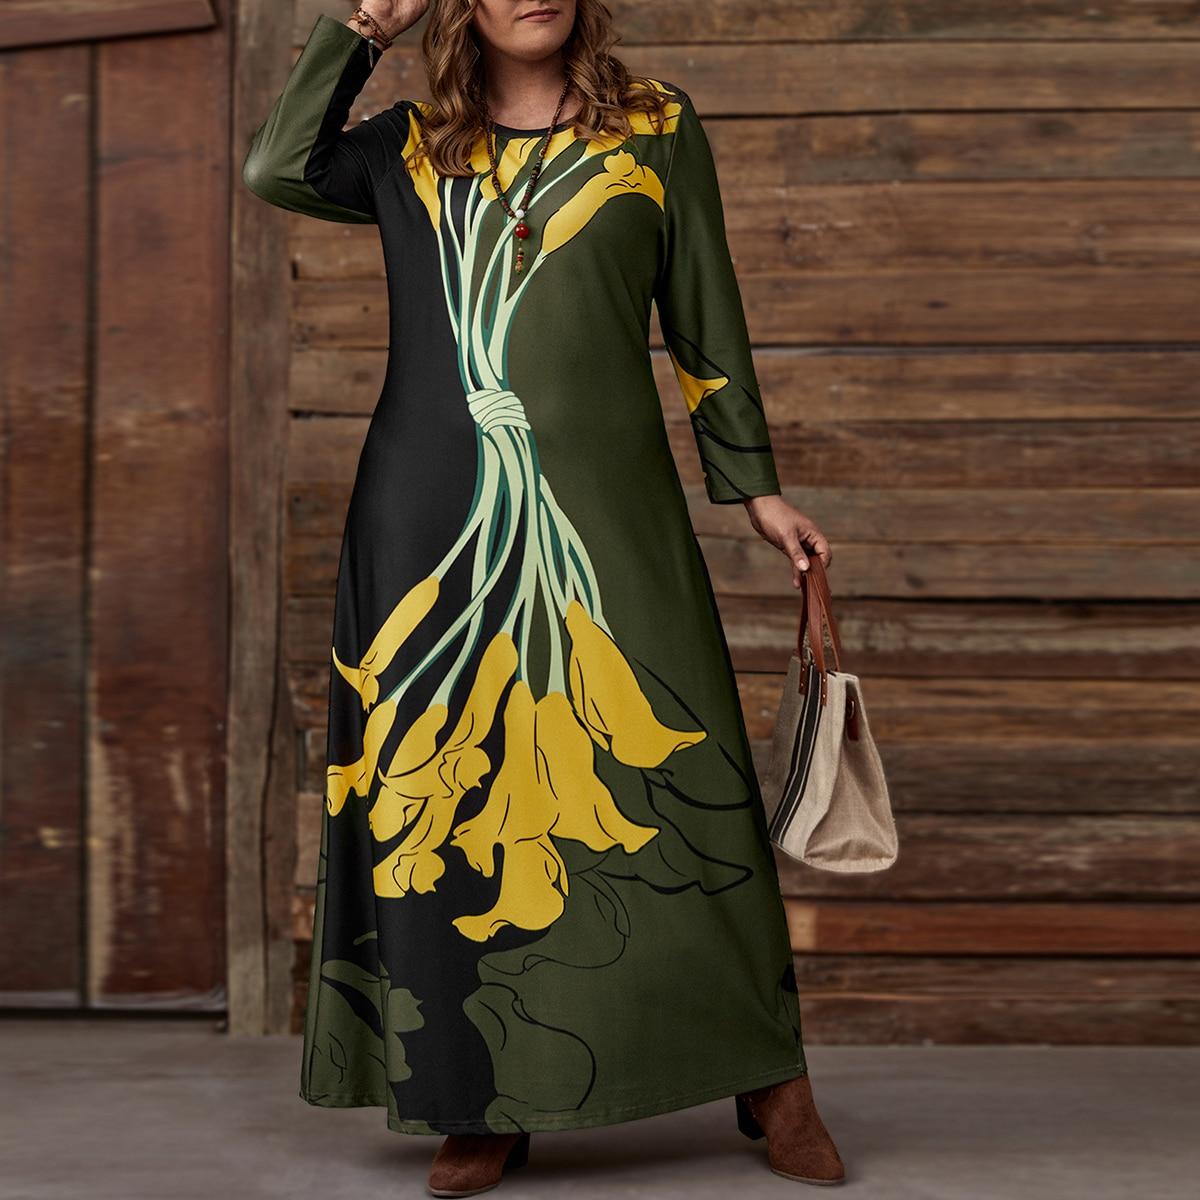 Макси-платье размера плюс с цветочным принтом